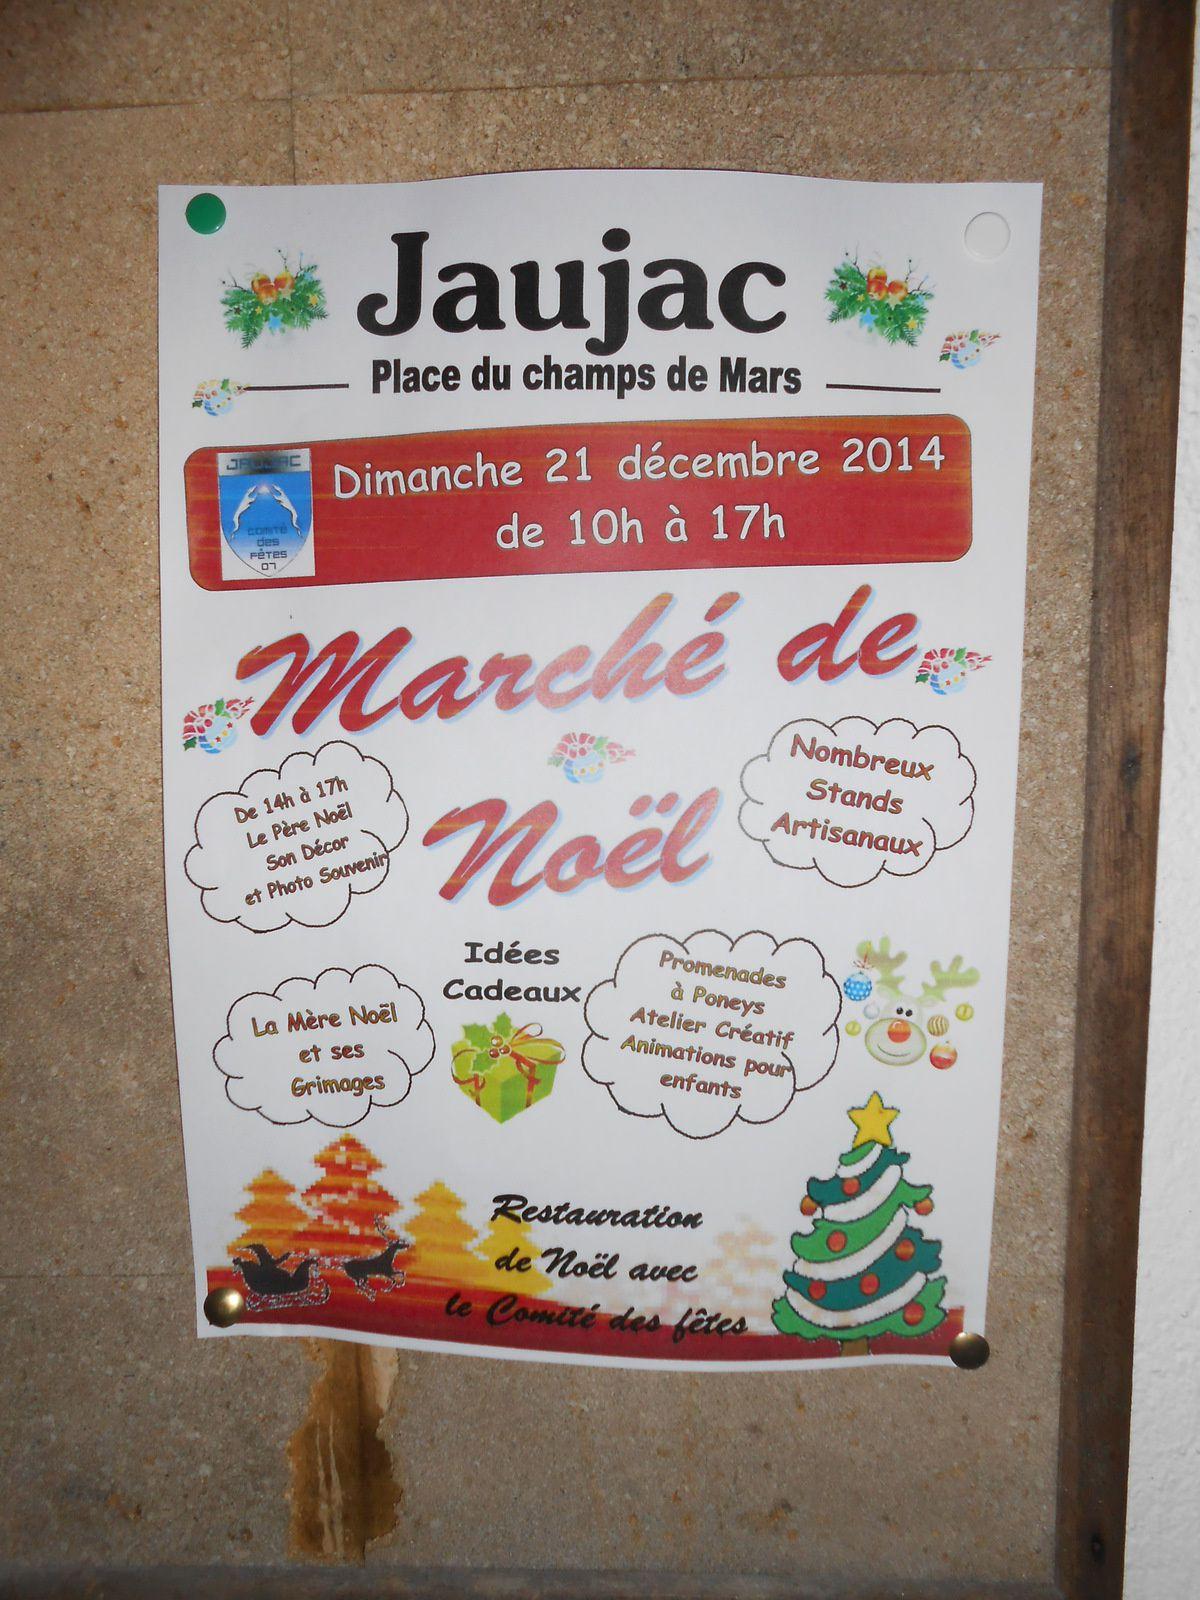 Marché de Noël, ce dimanche à Jaujac